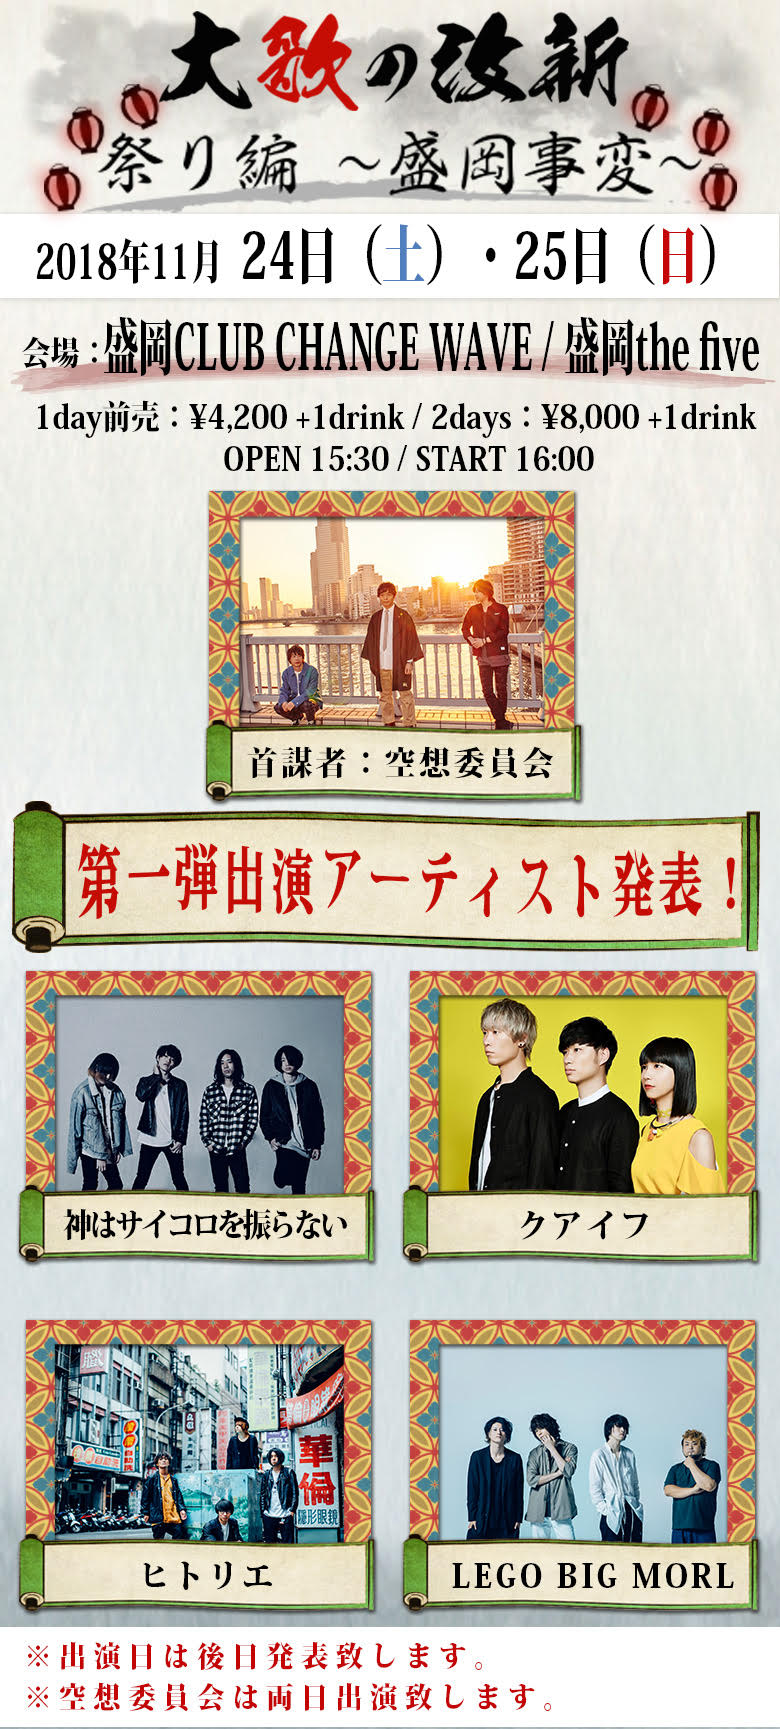 空想委員会、大歌の改新 祭り編の第一弾出演者を発表!